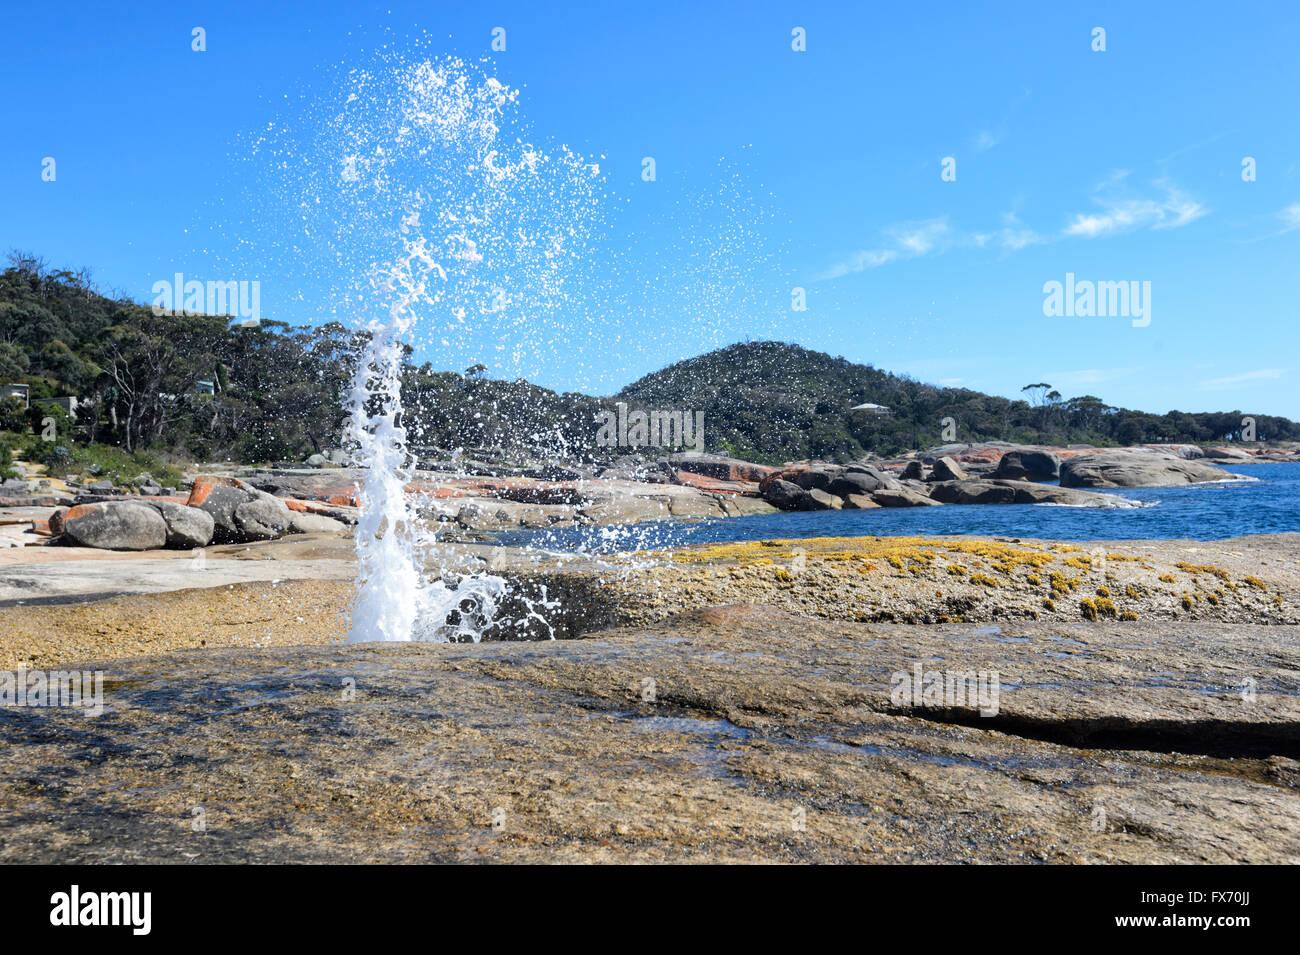 Bicheno Blowhole, Tasmania, Australia - Stock Image